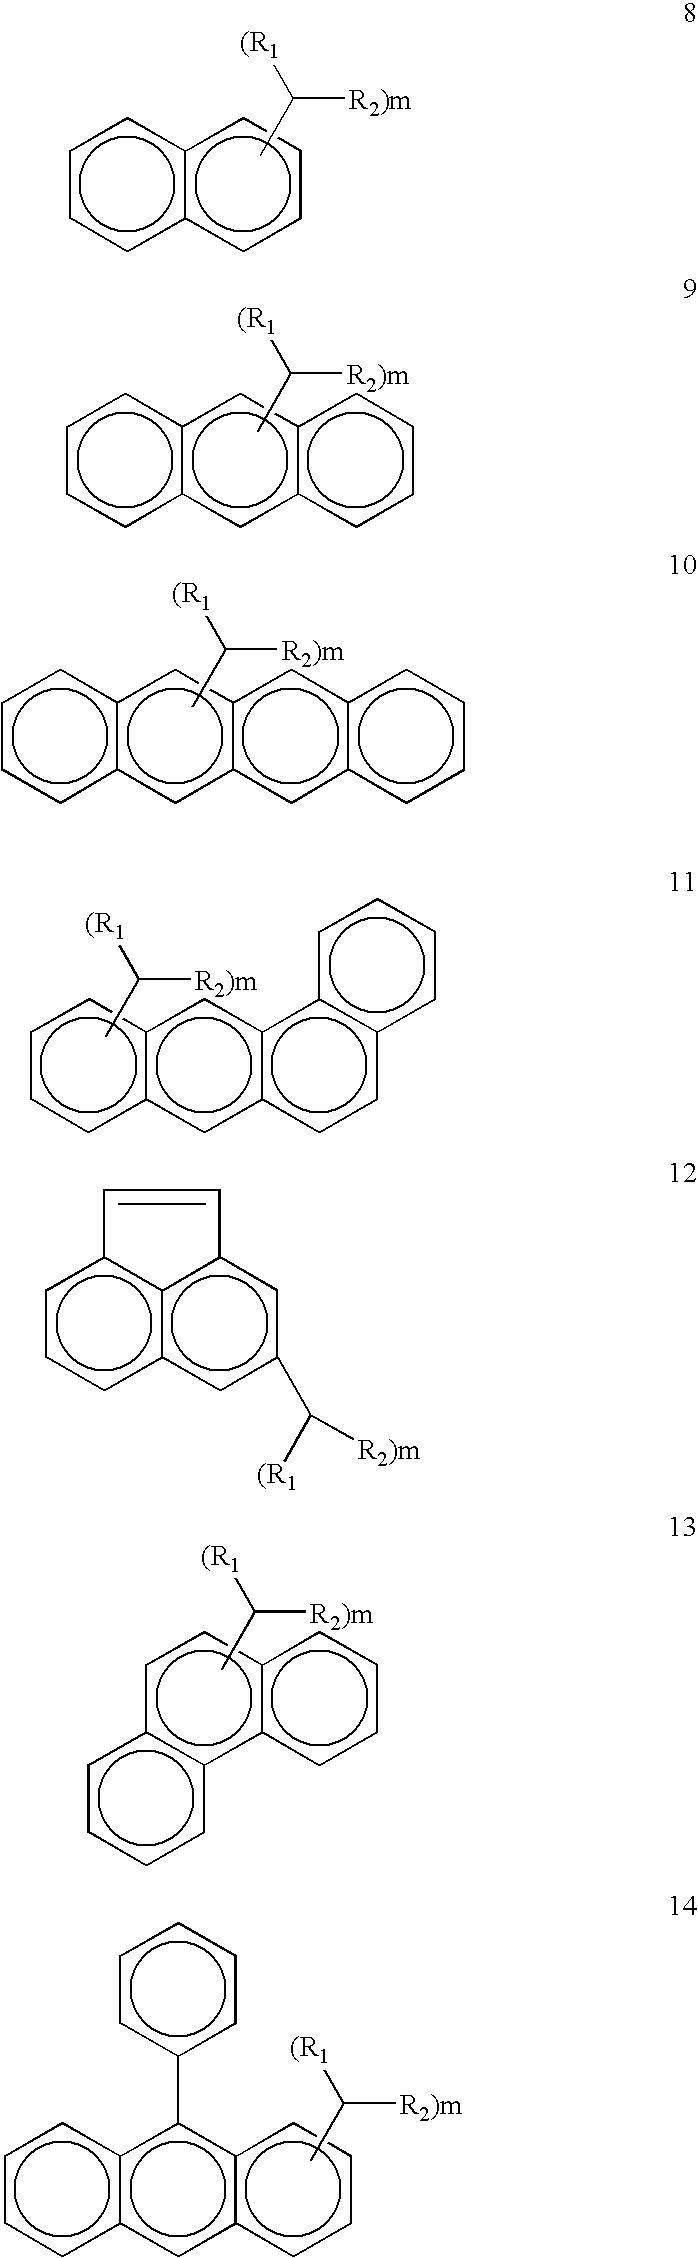 Figure US20100316949A1-20101216-C00002